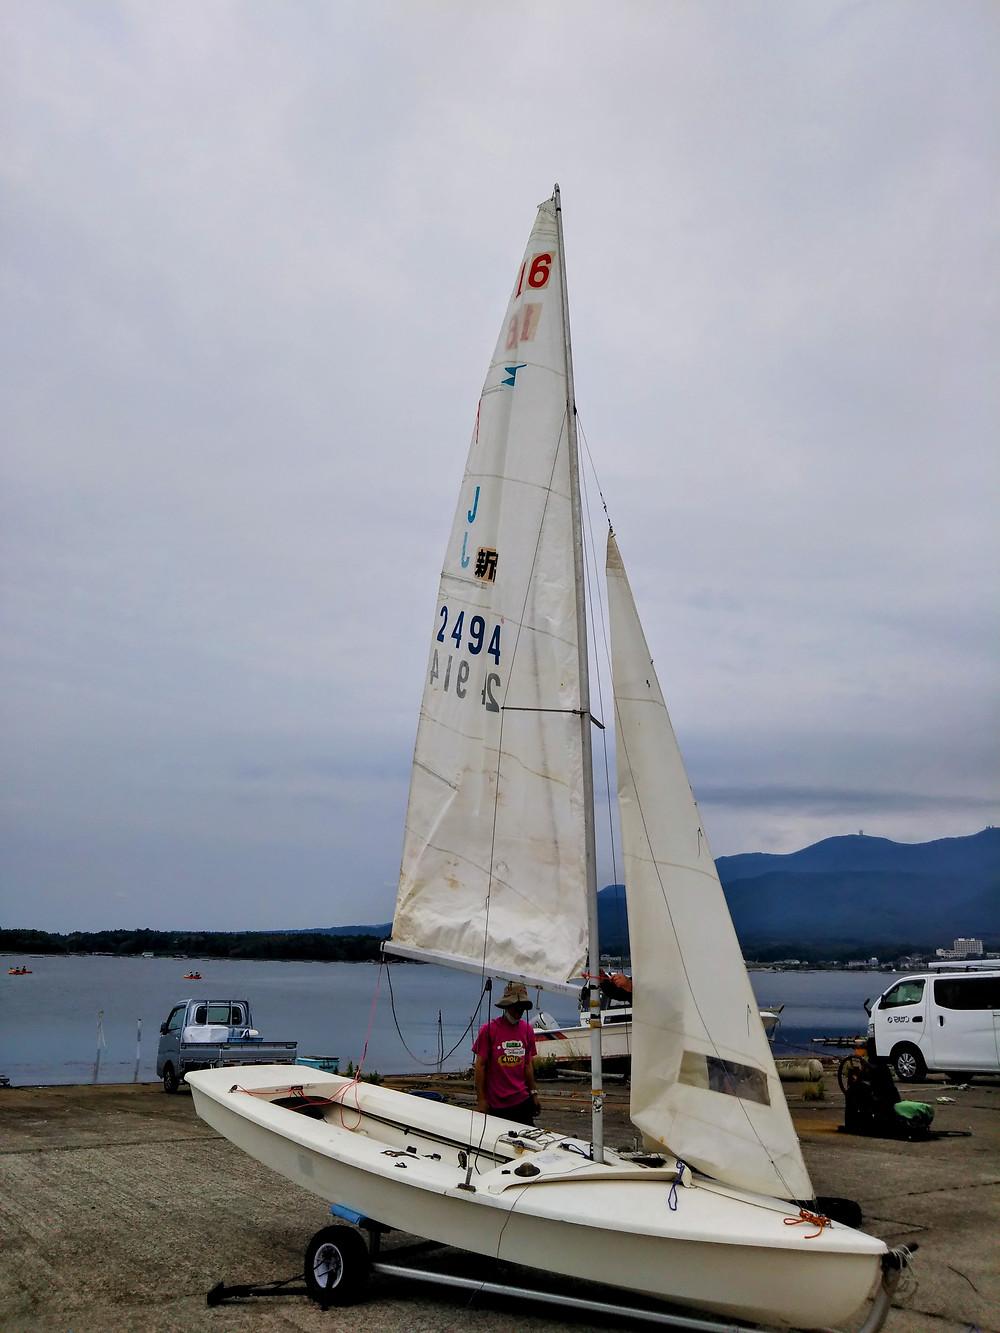 加茂湖ヨット体験 両津湾 釣り 黒鯛 シーバス 牡蛎